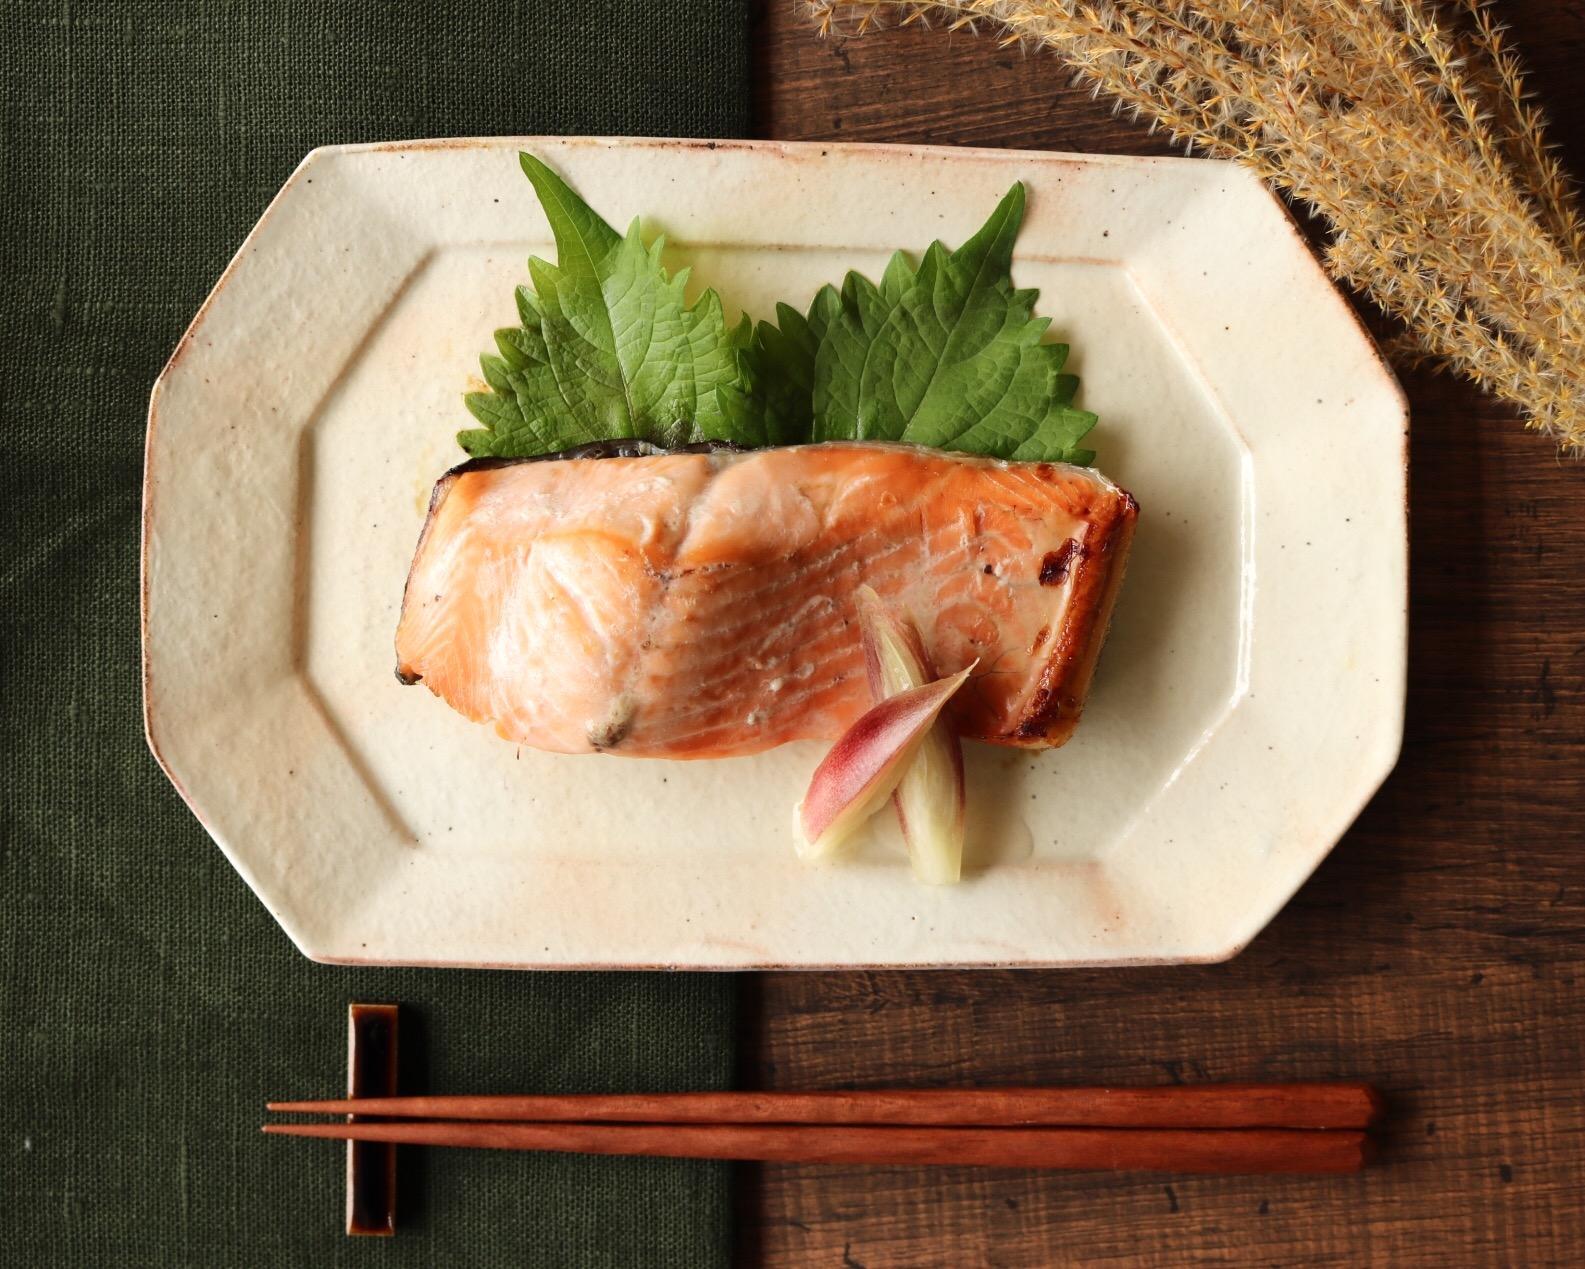 鮭の塩こうじ漬け焼き